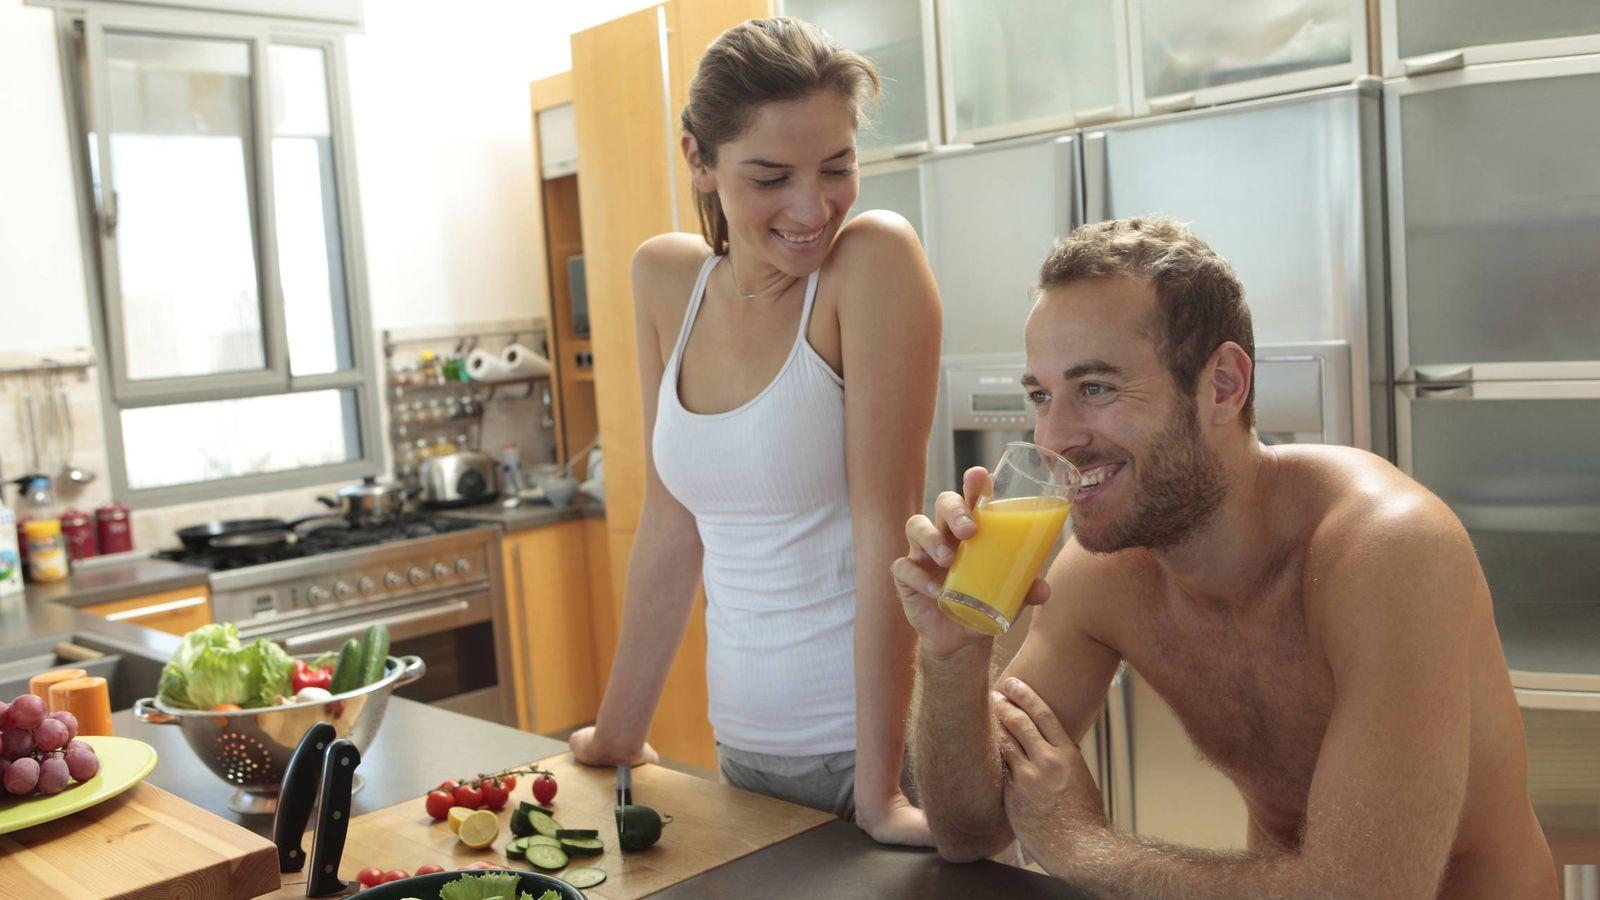 Foto: La salud empieza en la cocina. (Gilad Wolfin/Blend Images/Corbis)